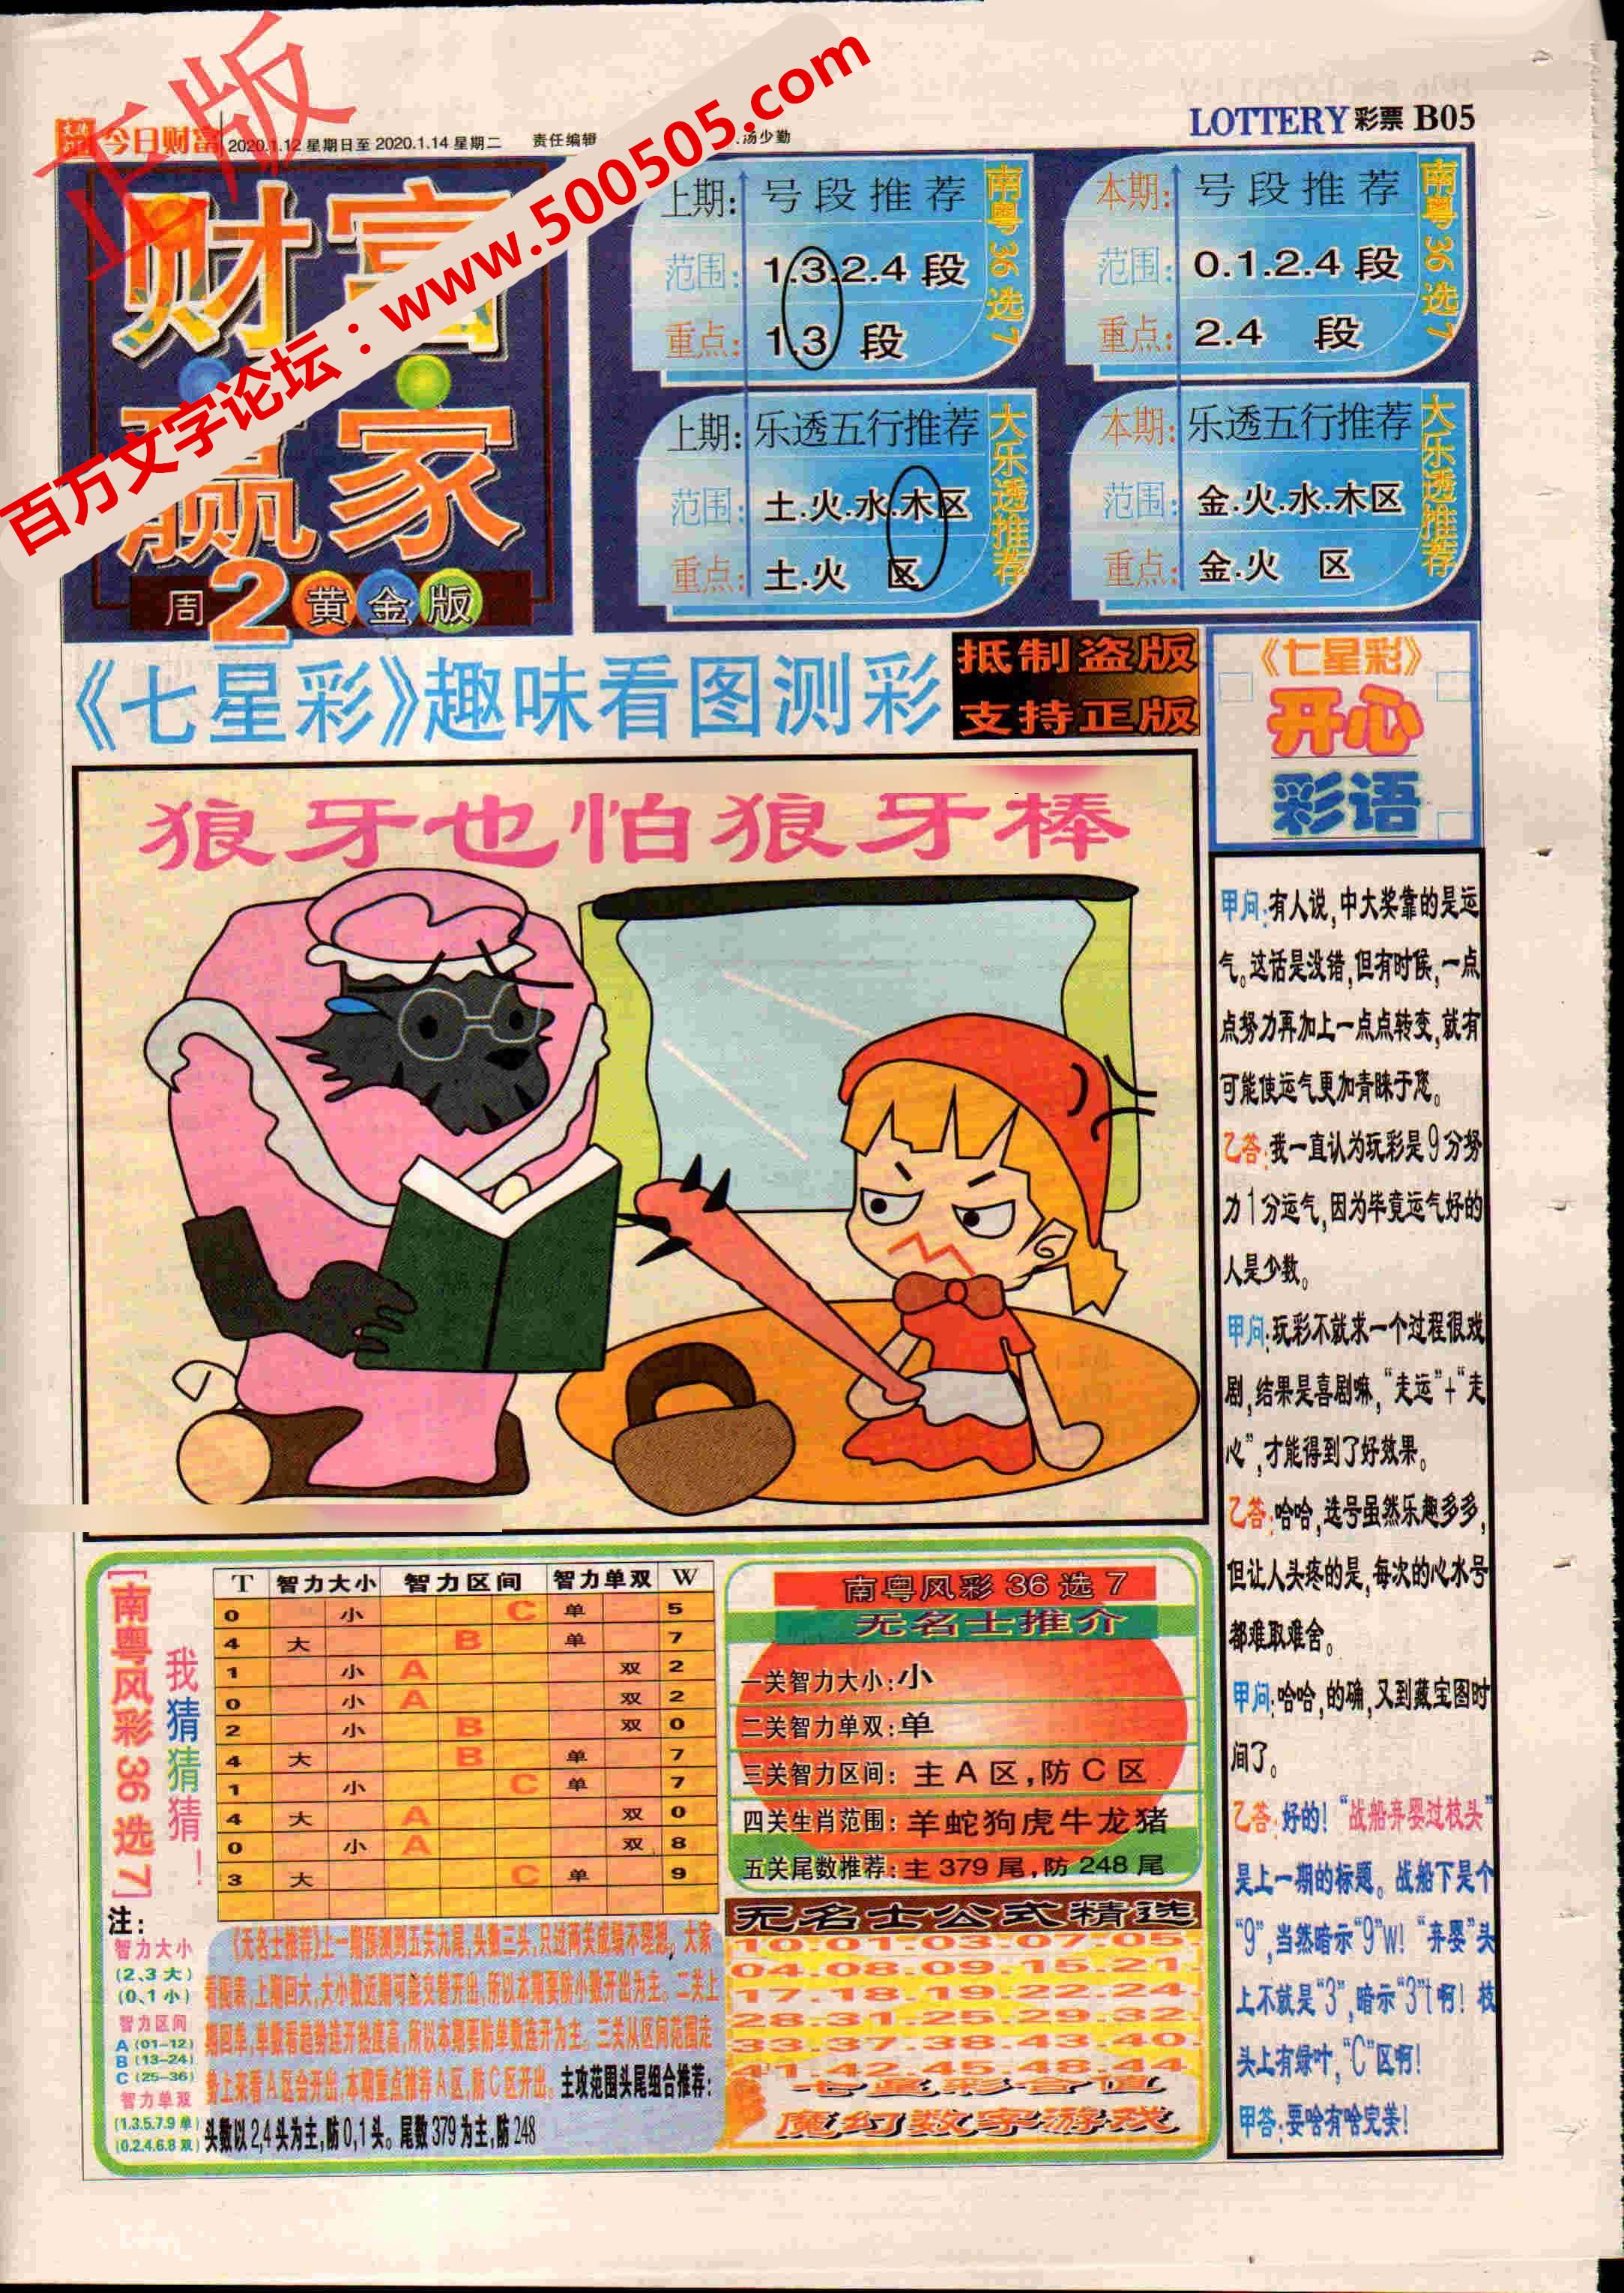 004期:彩民推荐:≮财富赢家≯→(七星彩图)